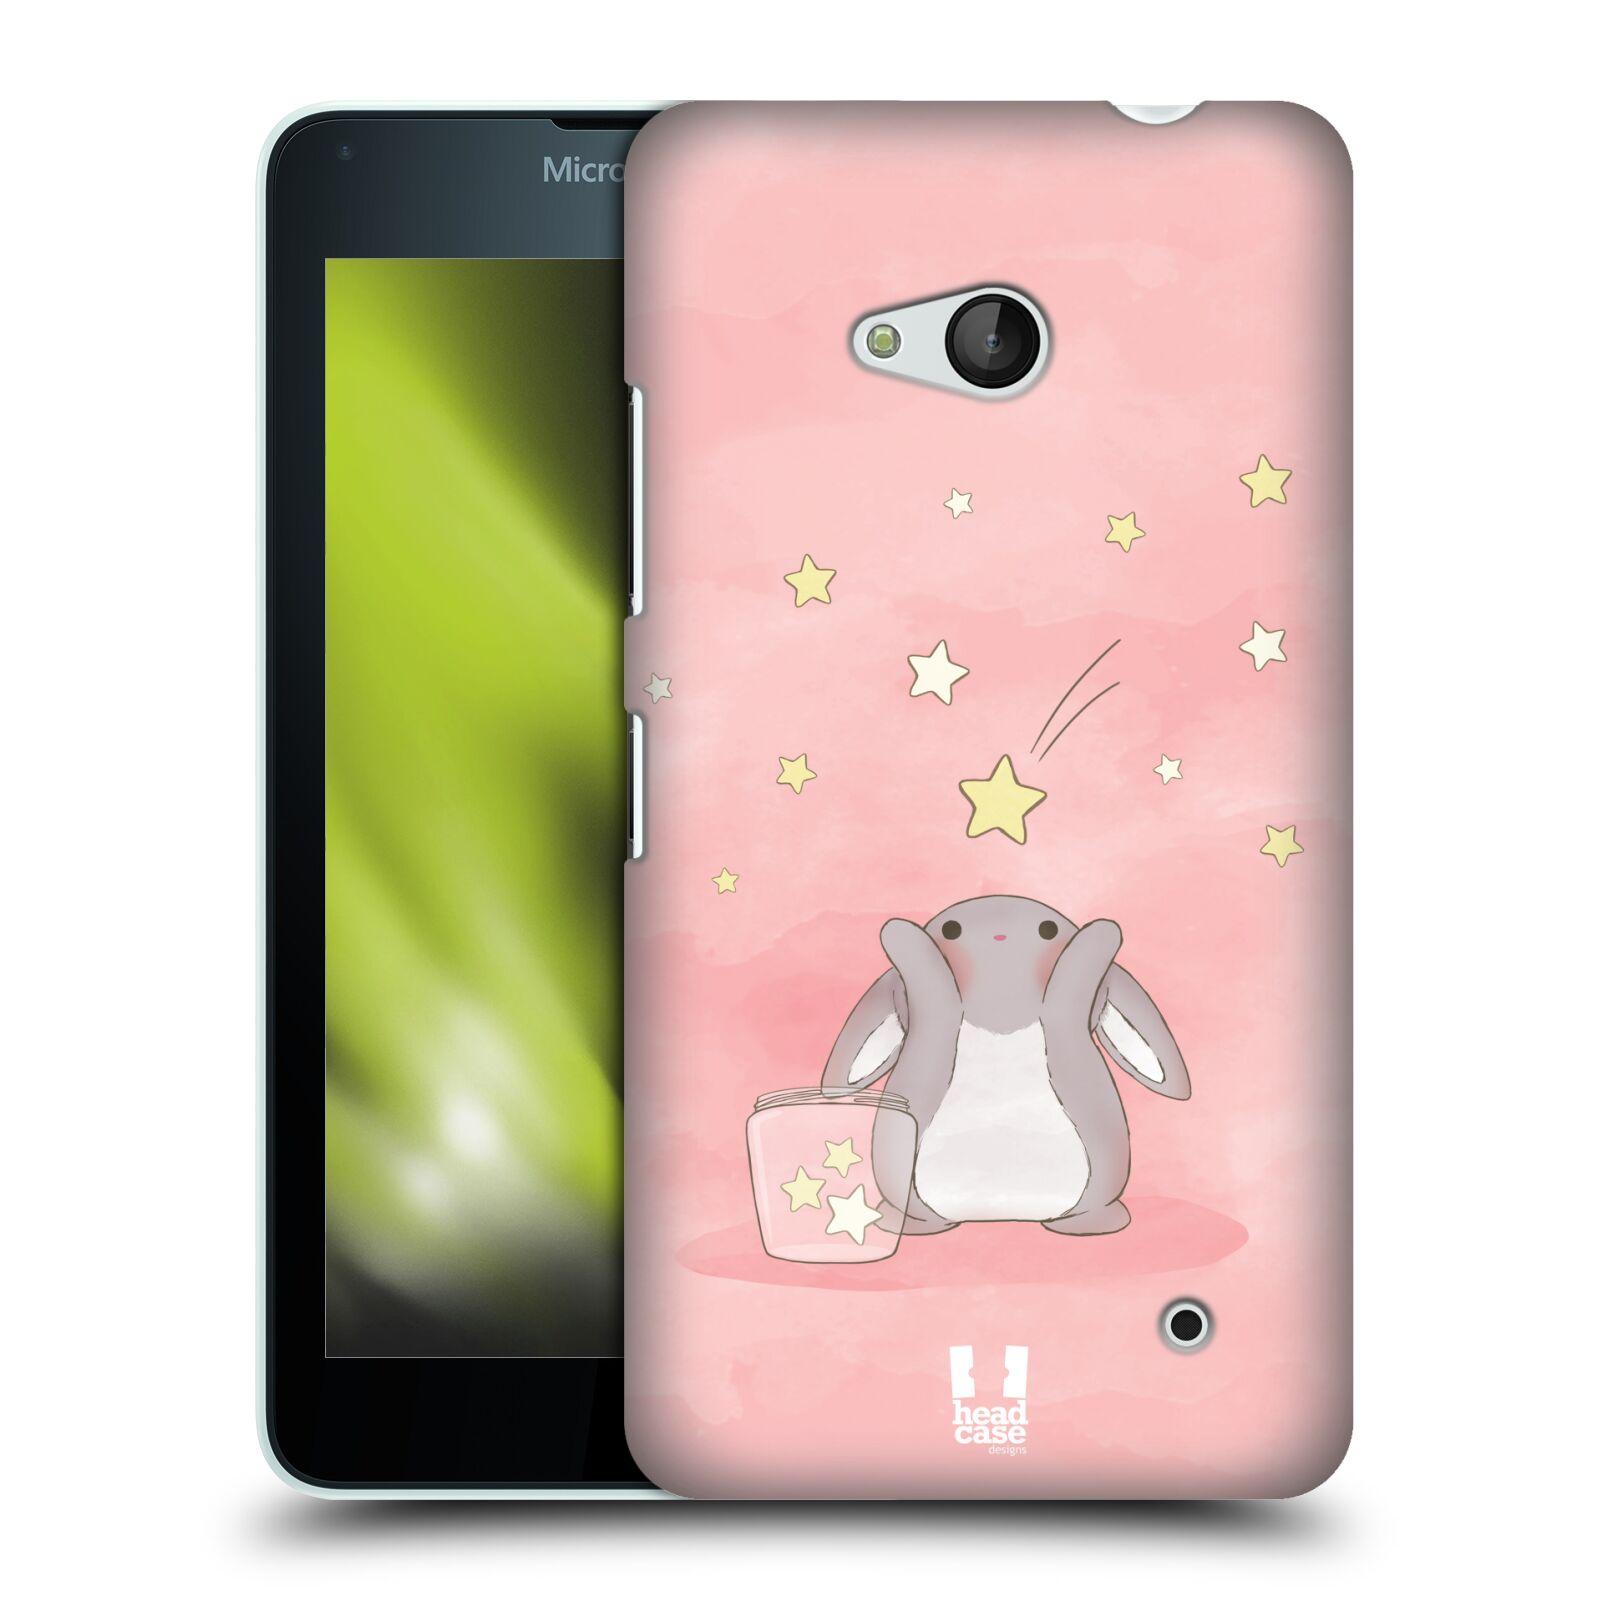 HEAD CASE plastový obal na mobil Nokia Lumia 640 vzor králíček a hvězdy růžová